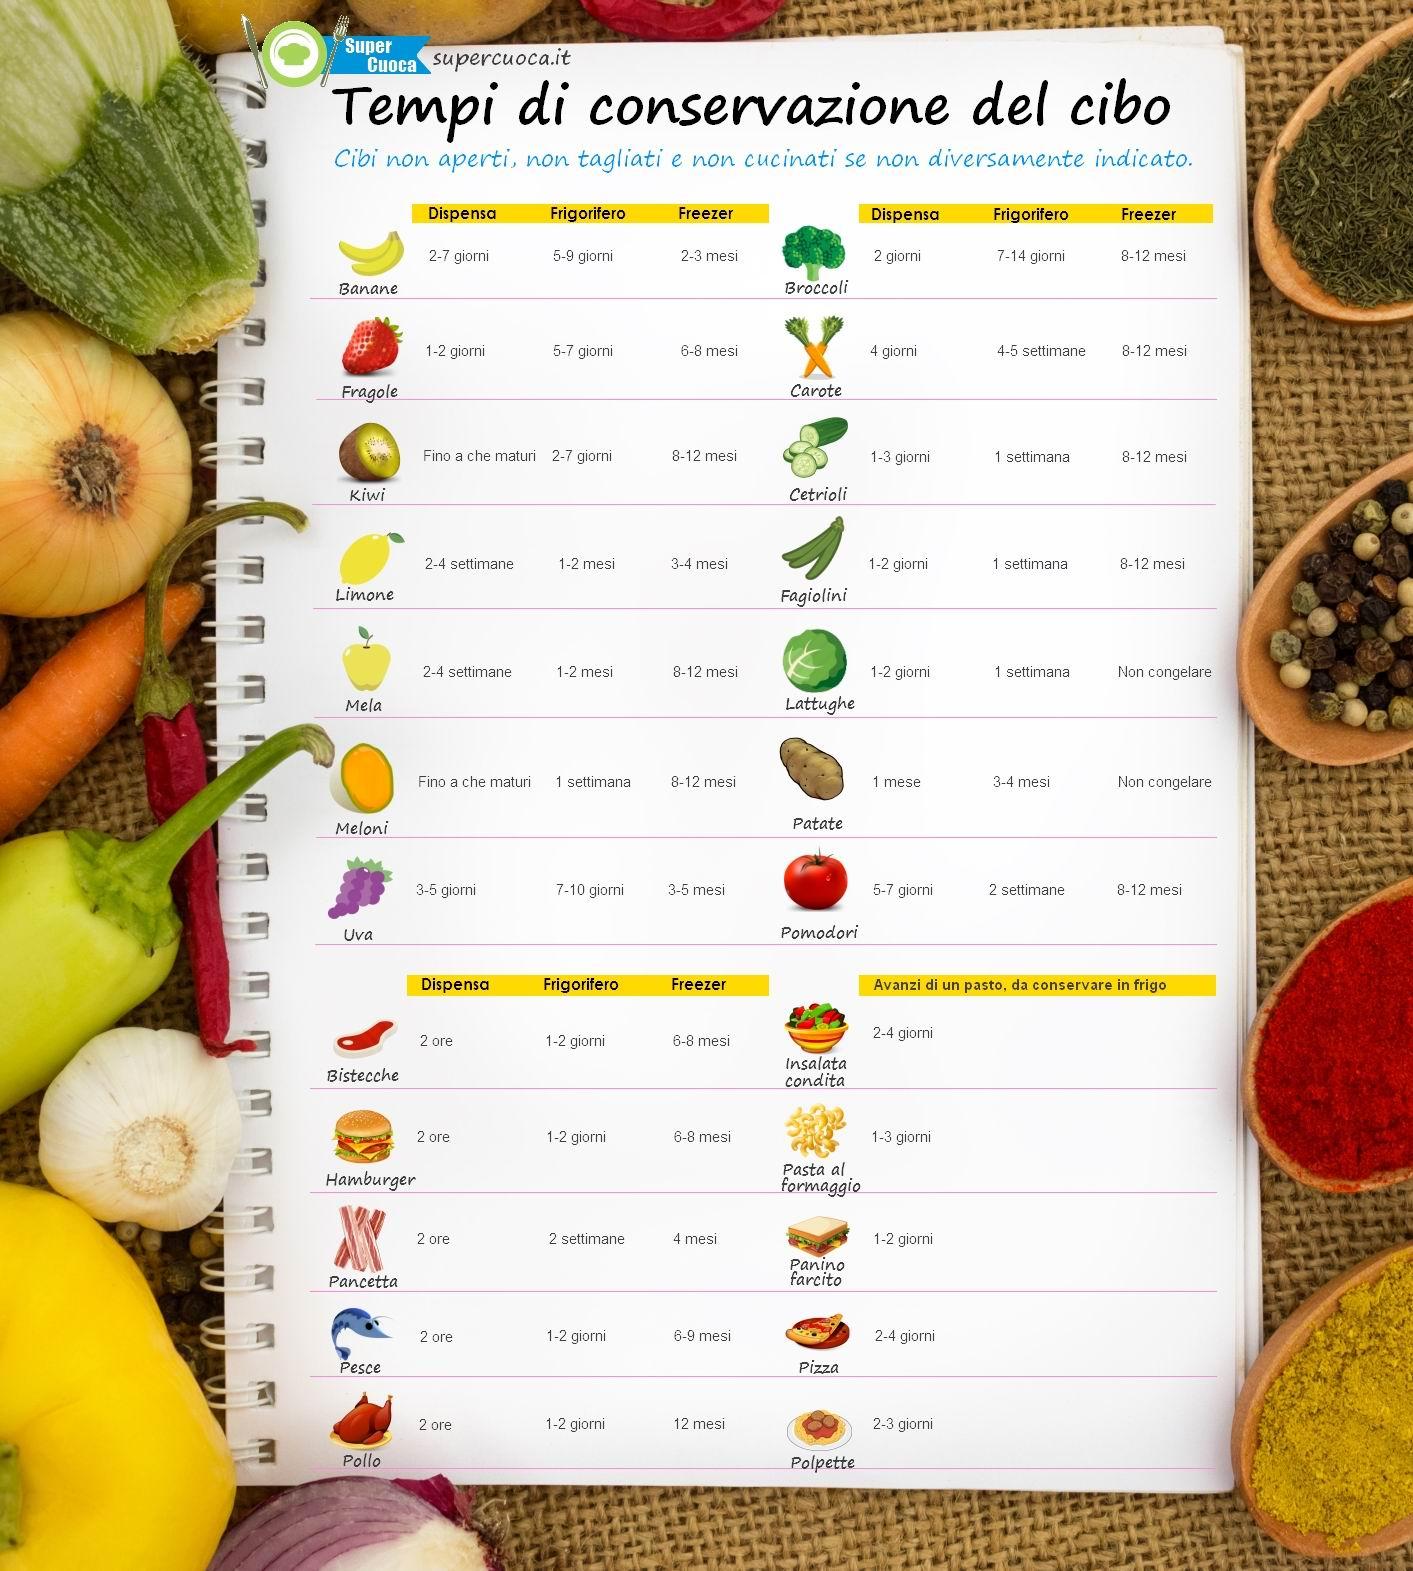 Tempi di conservazione del cibo (per gentile concessione di supercuoca.it)